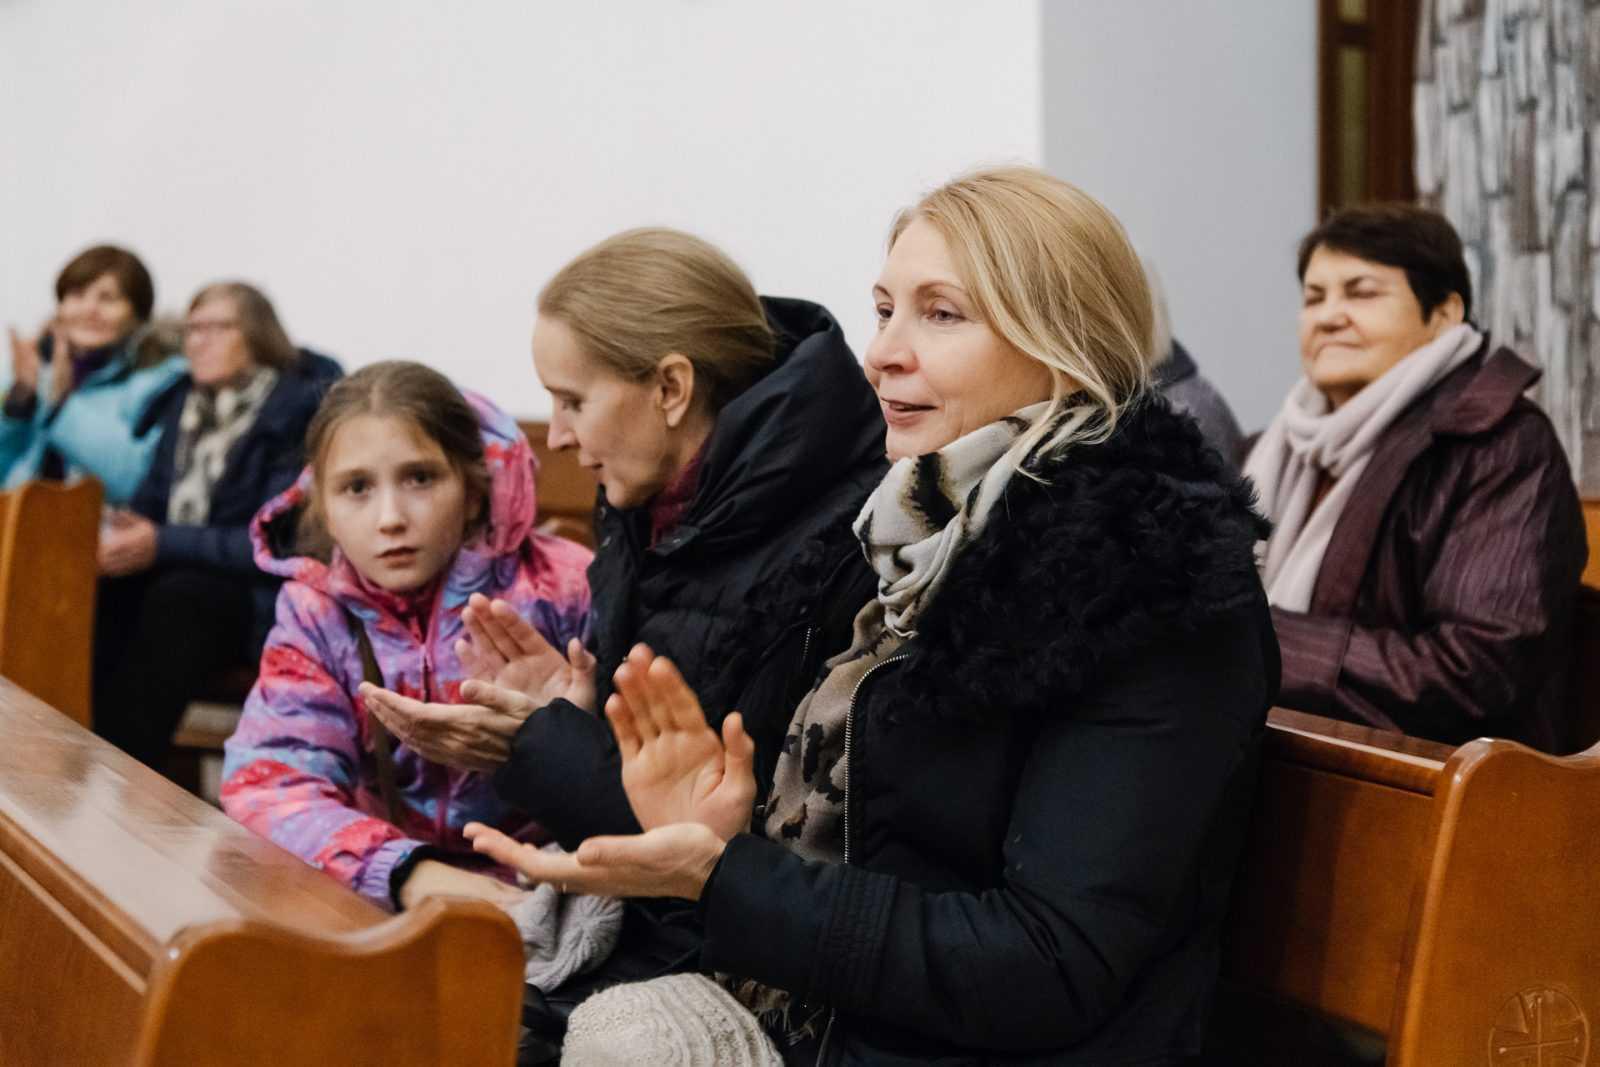 Музыка в храме КОНЦЕРТ «МАСТЕРА БАРОККО» 26.10.2019 34